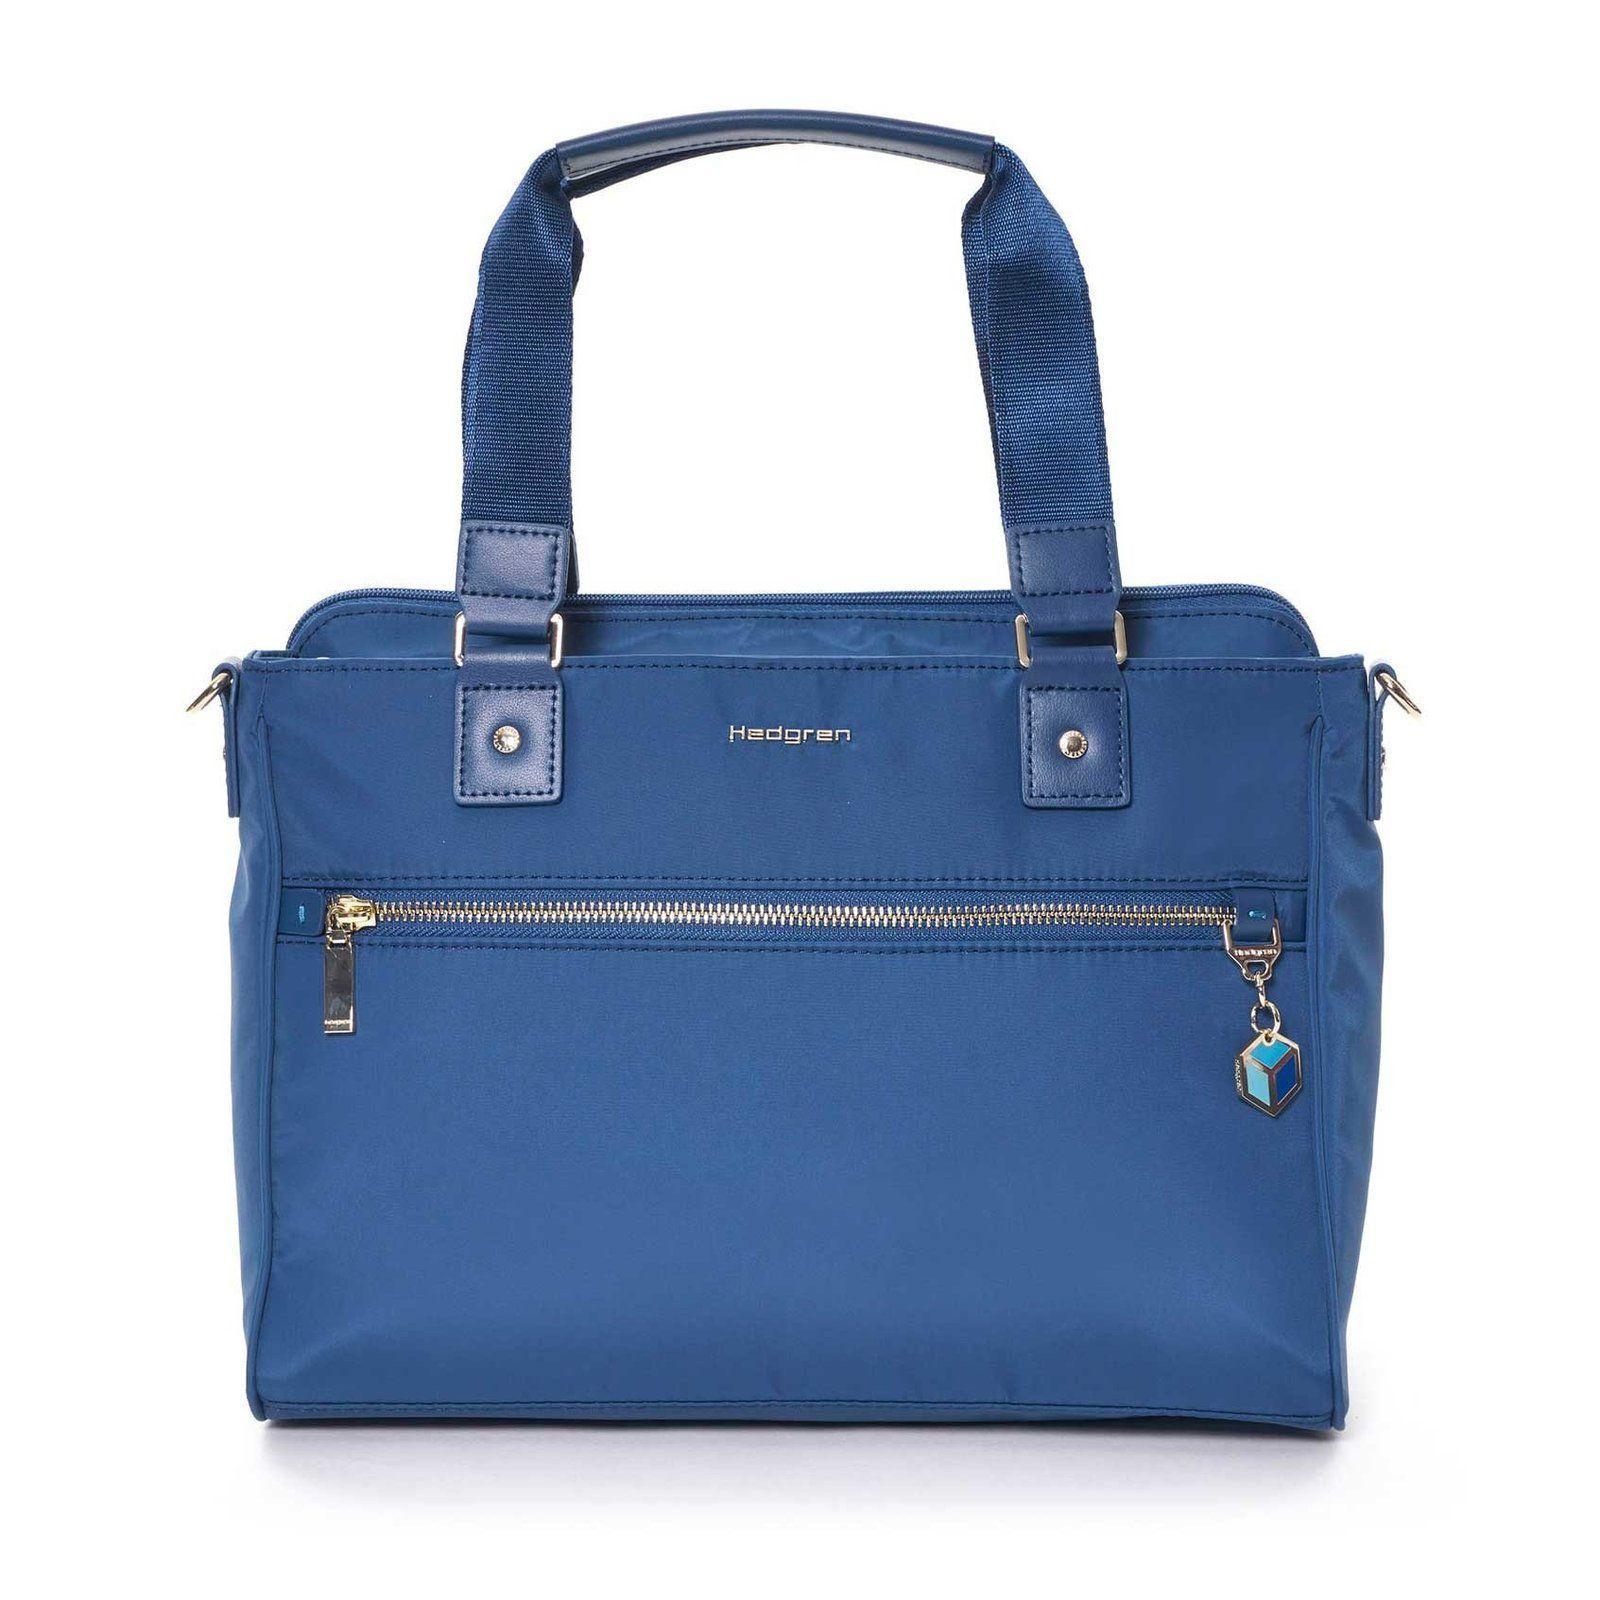 9f77c6d89d3d Appeal Pretty Versatile Handbag Charm Collection Hedgren – Official ...